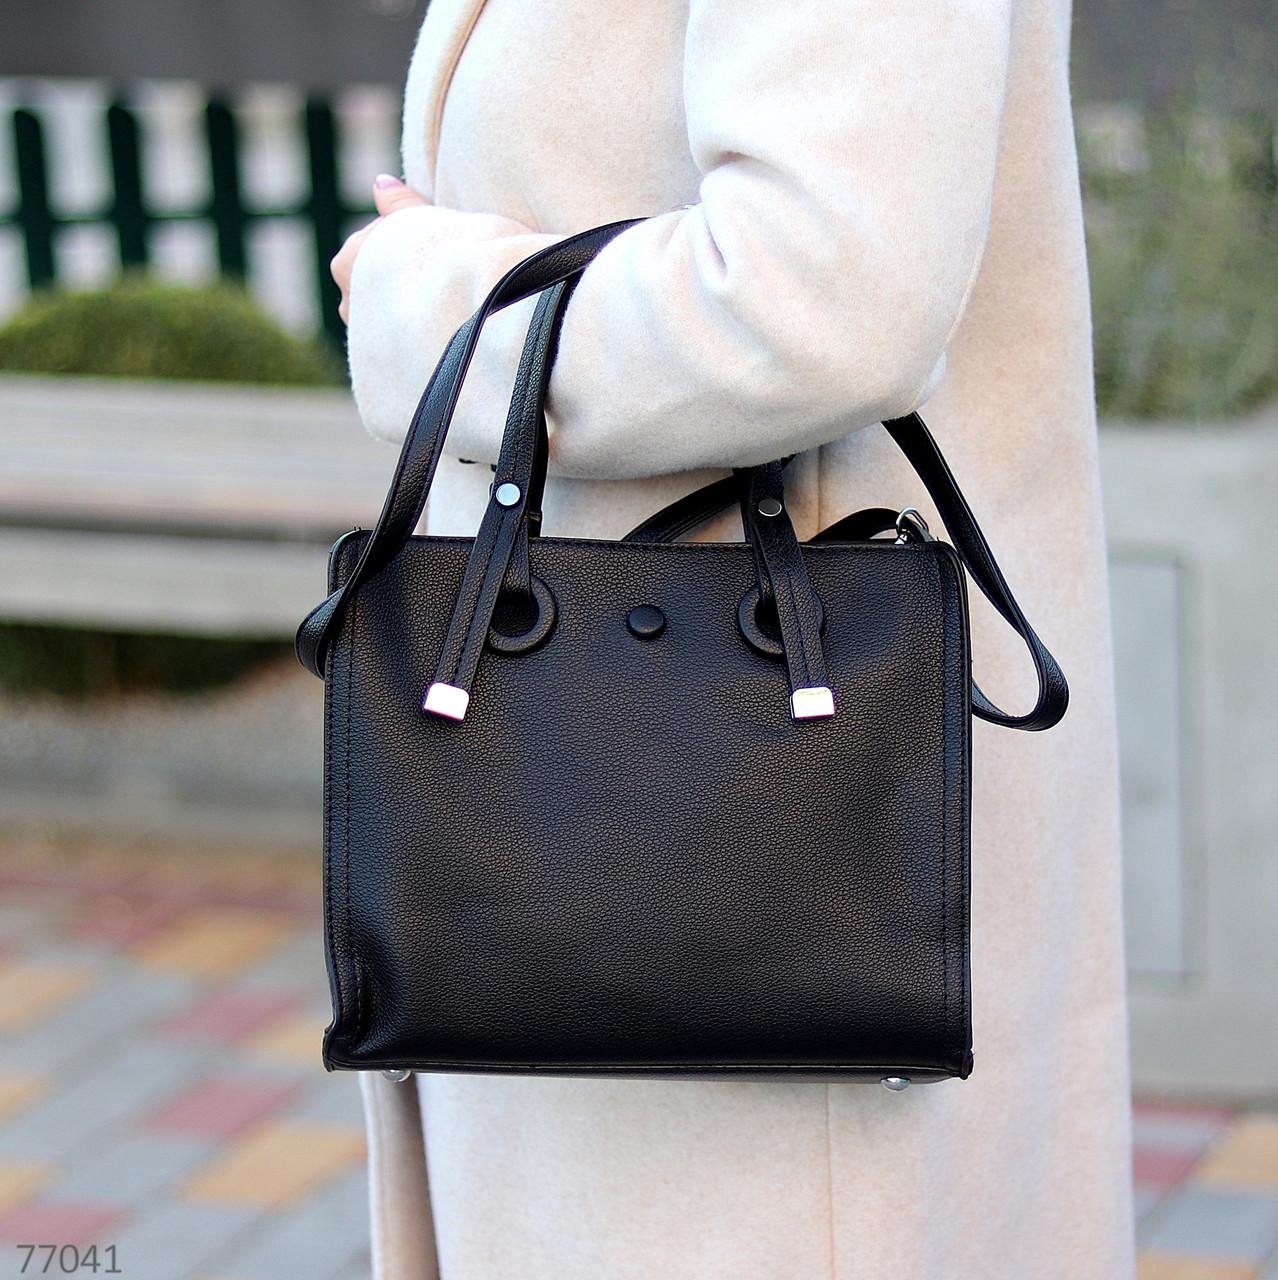 Невелика чорна зручна міська жіноча сумка, регульований ремінь на плече